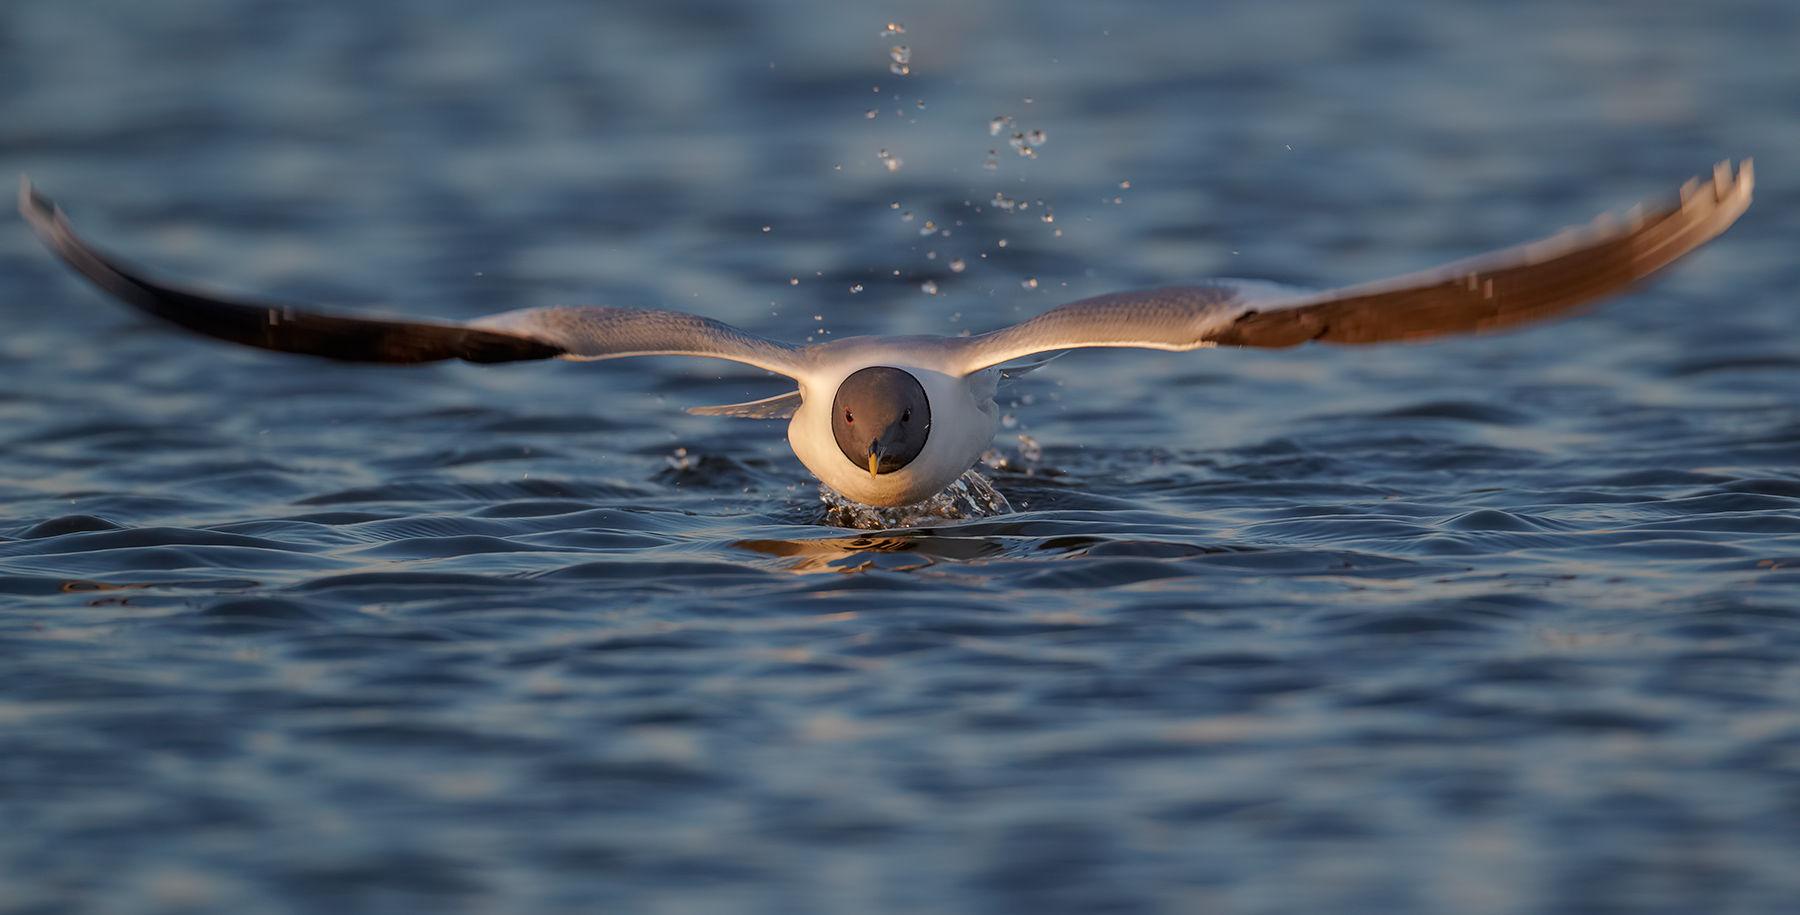 sabie's gull